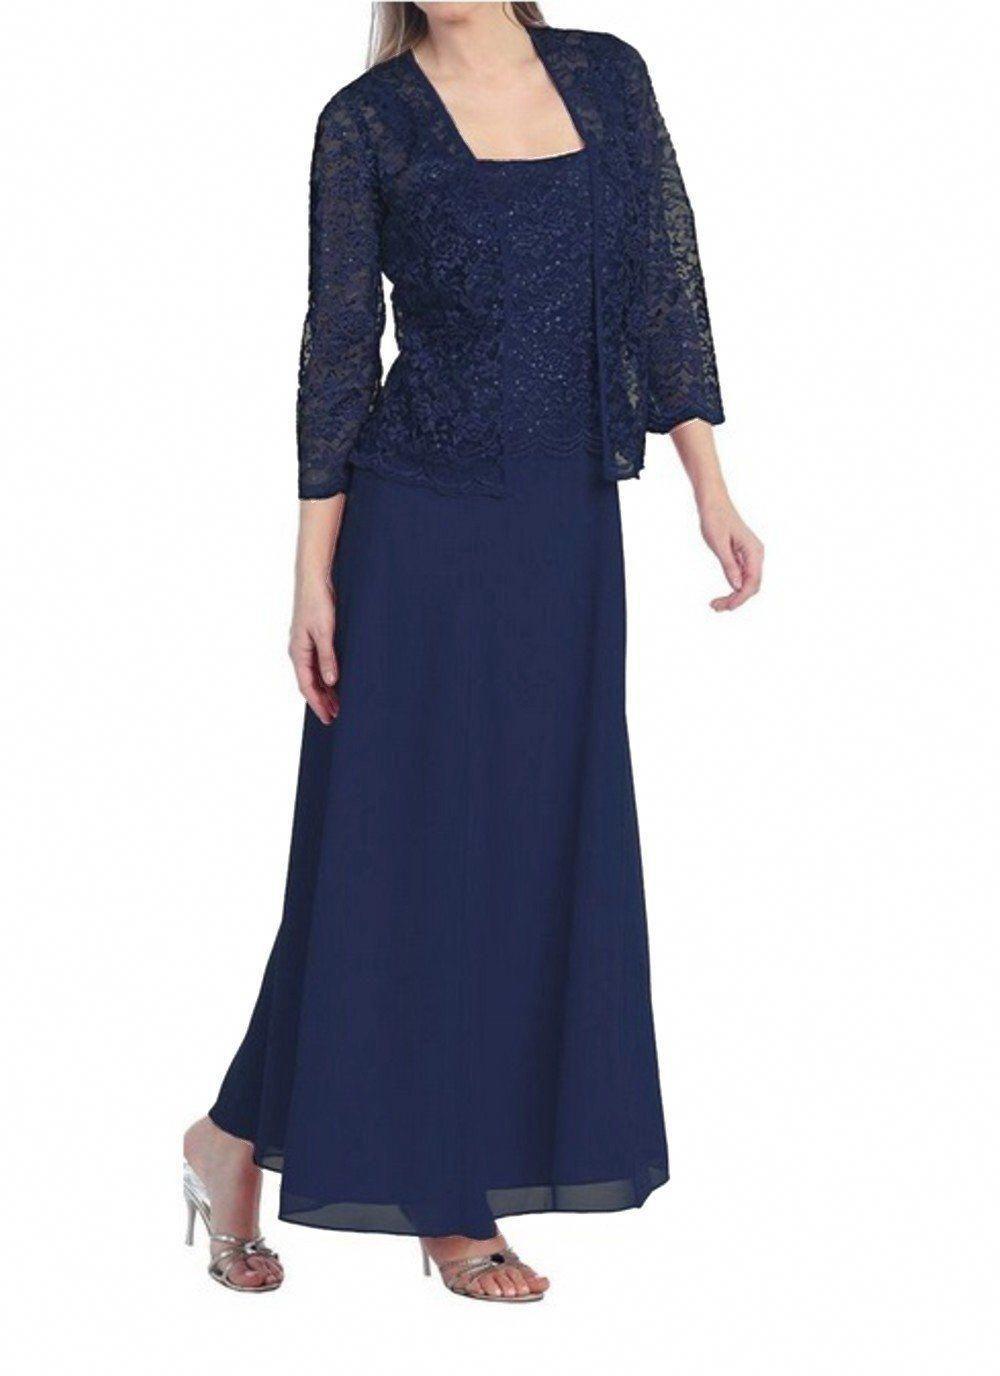 ceac3d8d4c081d Cheap Mother Of The Bride Dresses Amazon – DACC